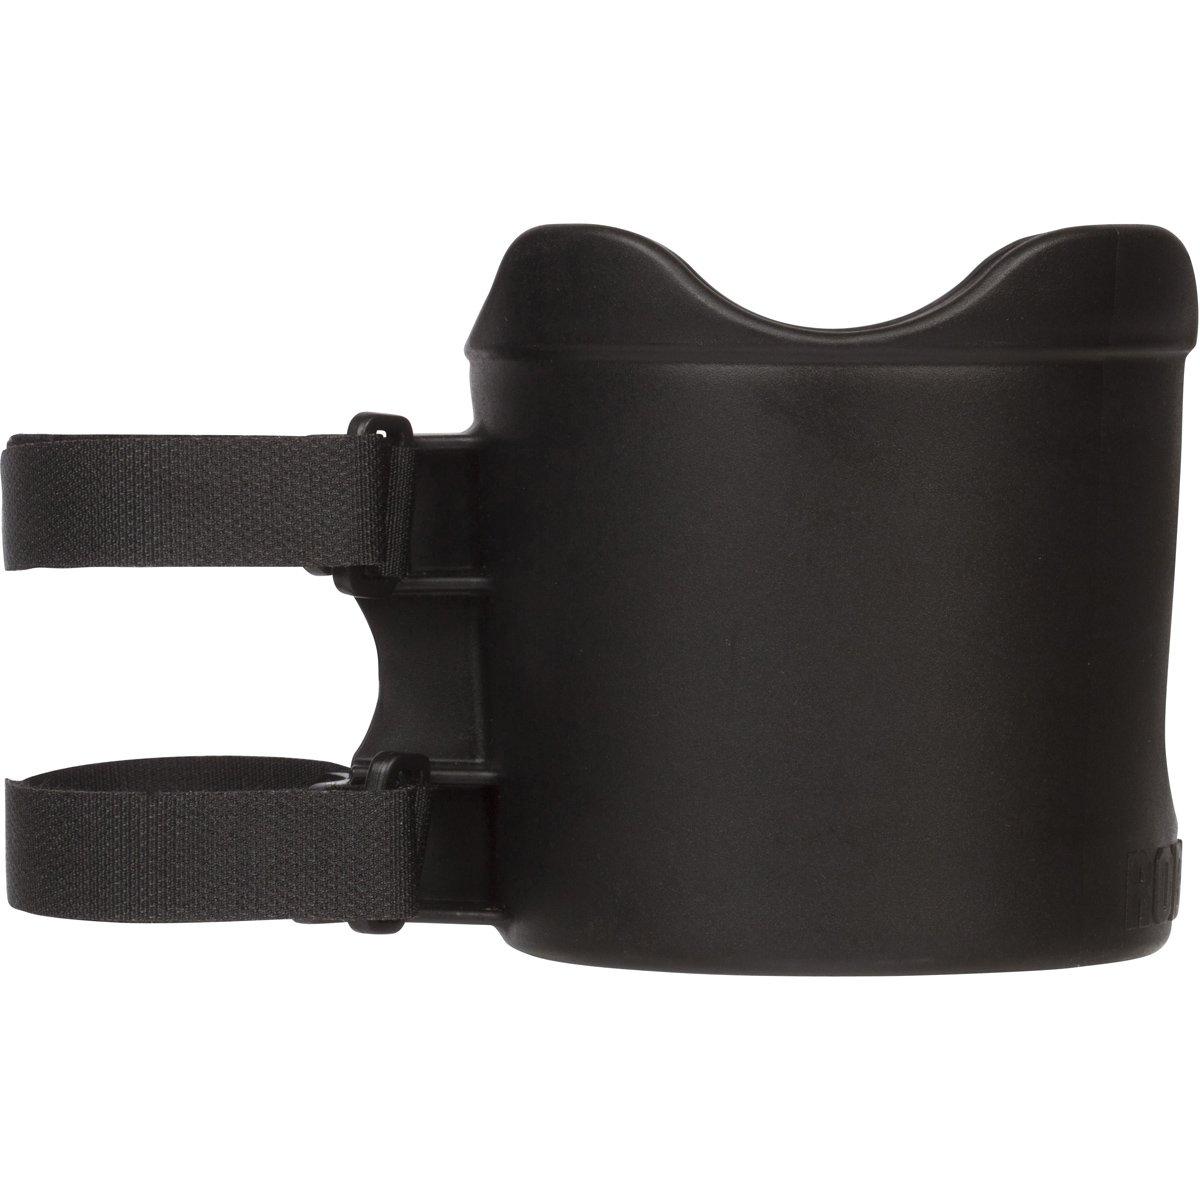 Black RoboCup Plus